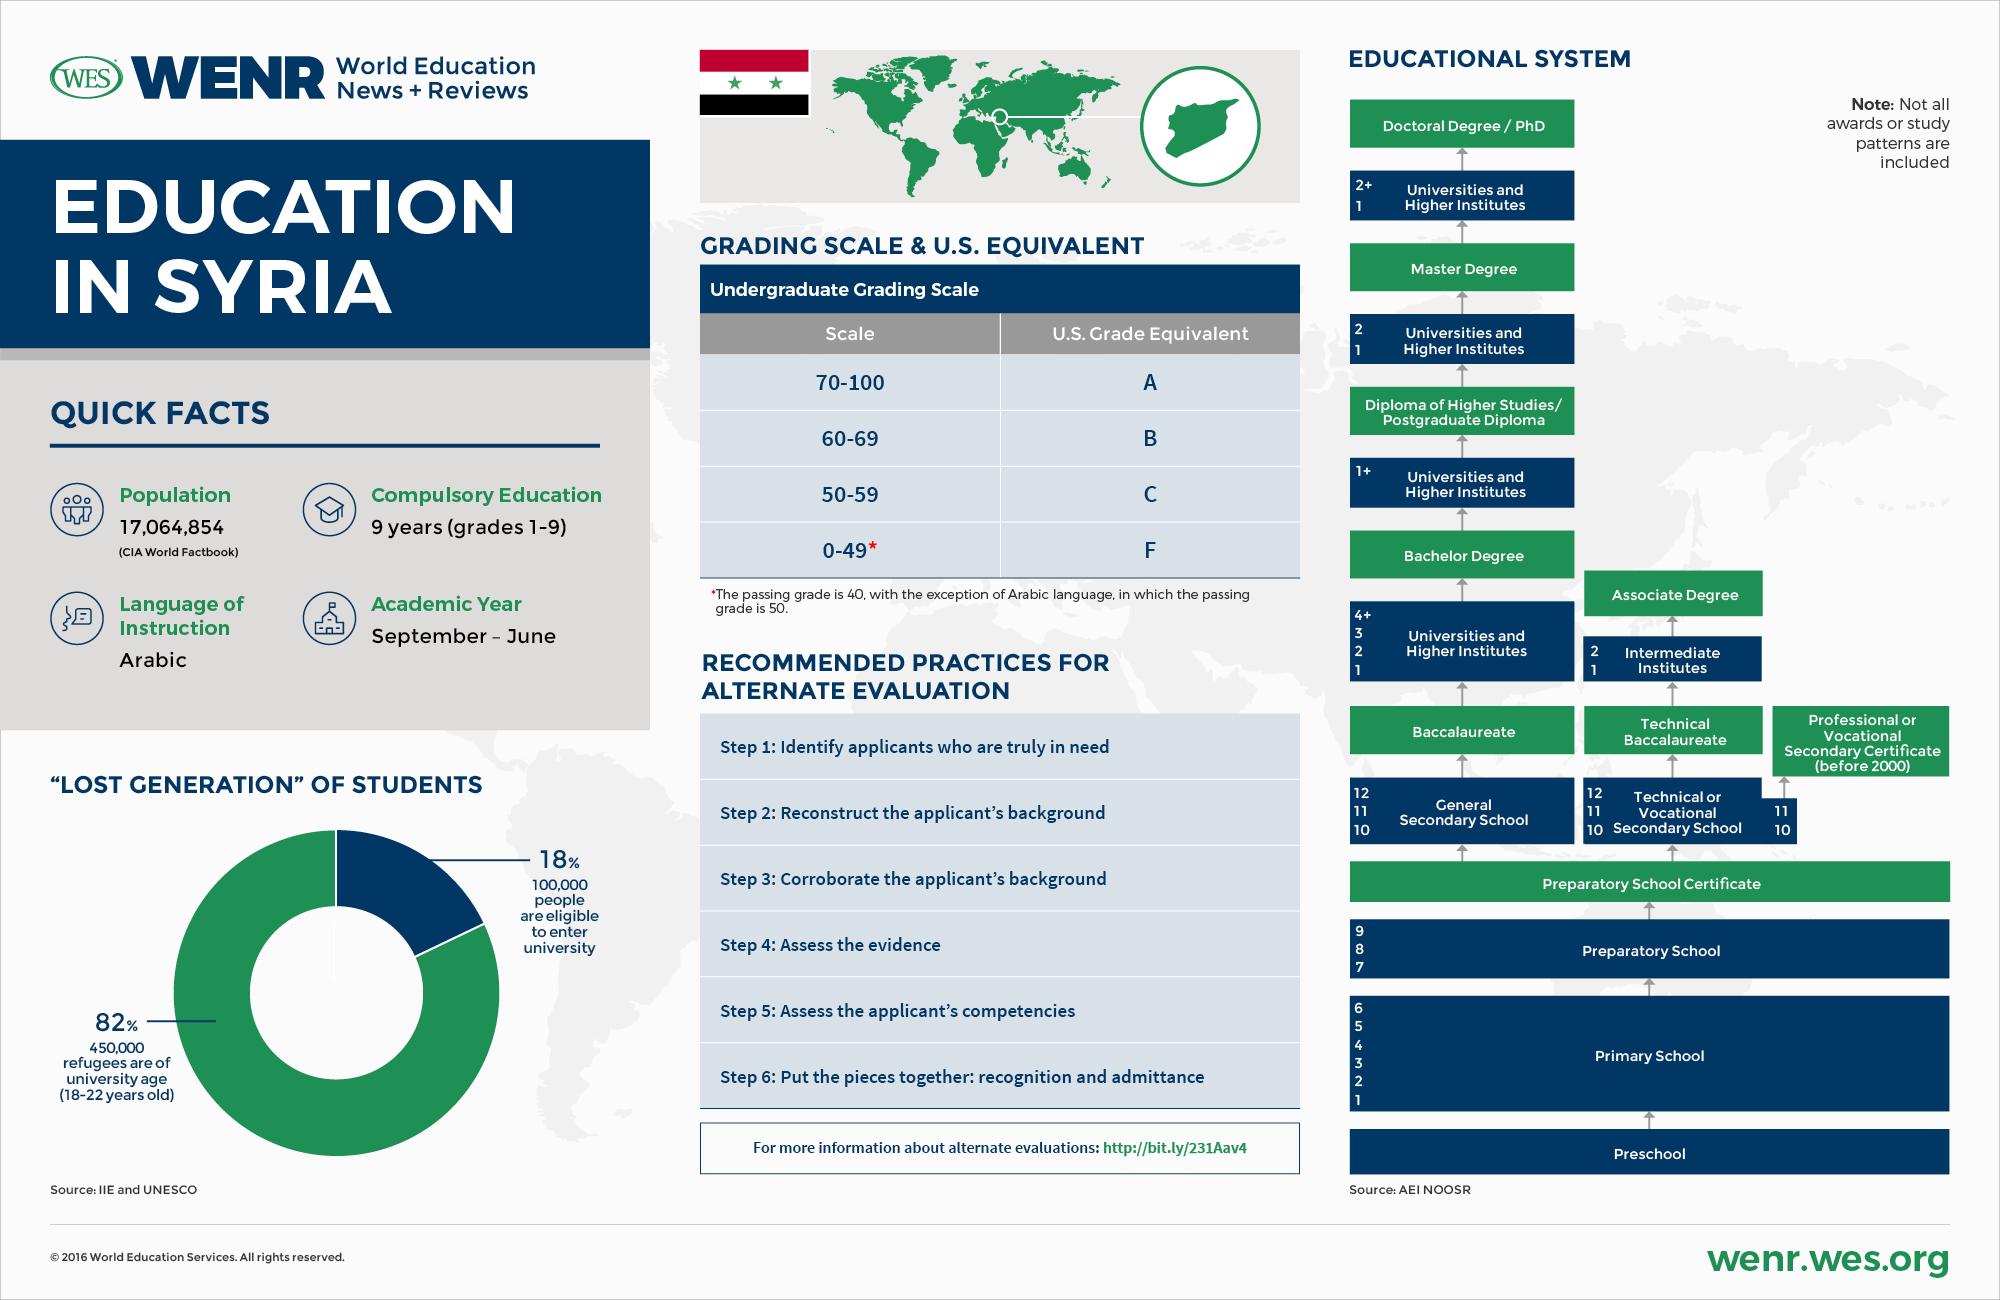 Education in Syria - WENR